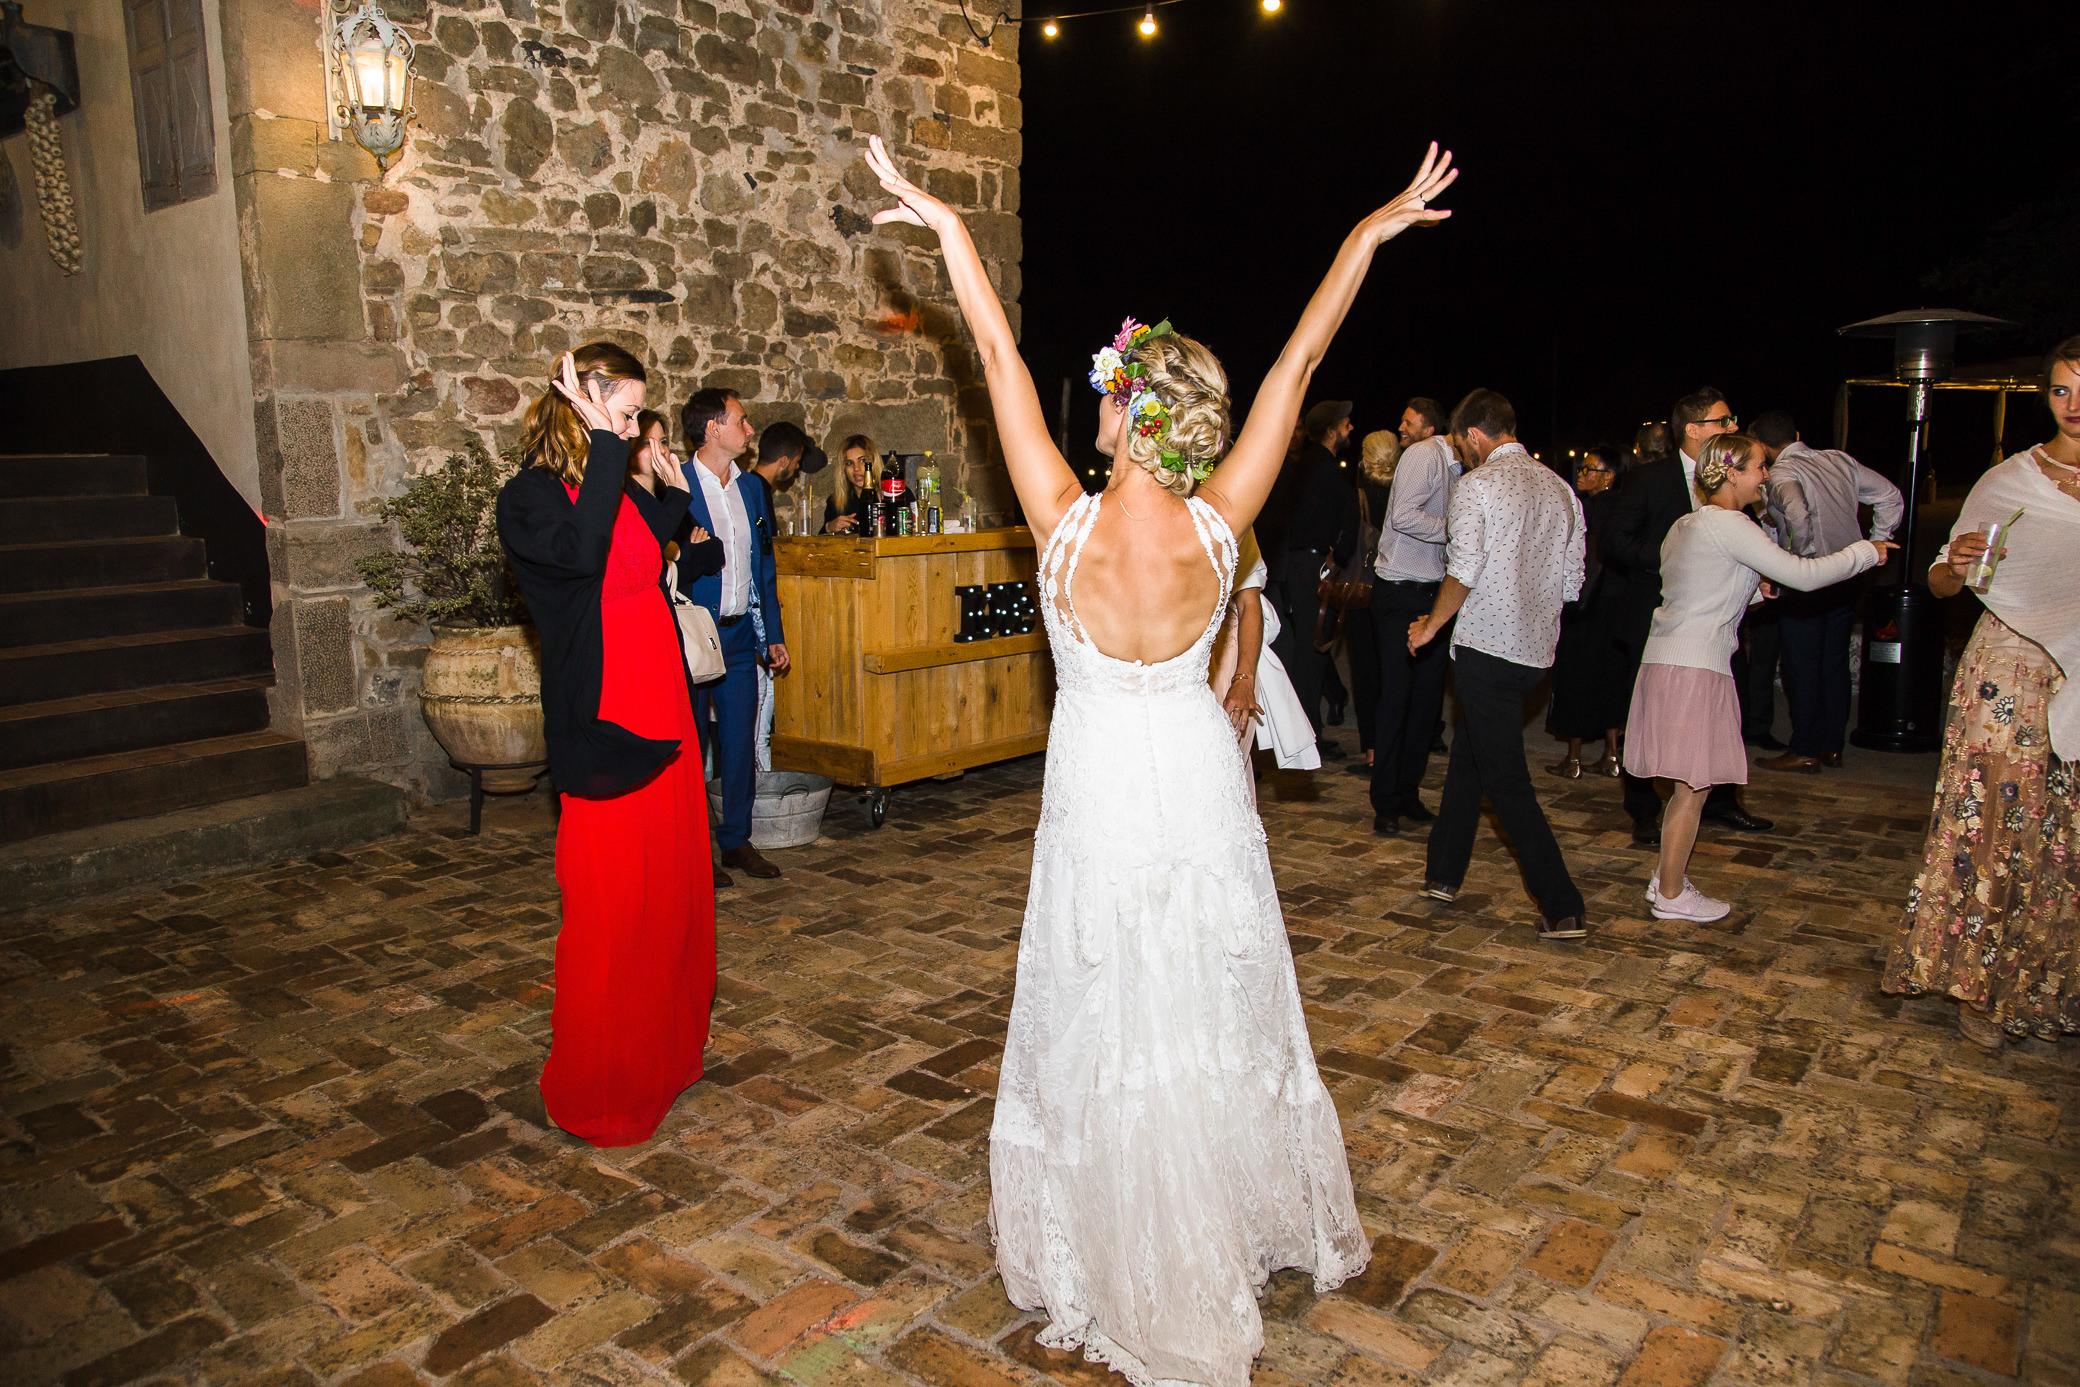 boda-olot-mas-can-batlle-destination-wedding-photografeel-79.jpg